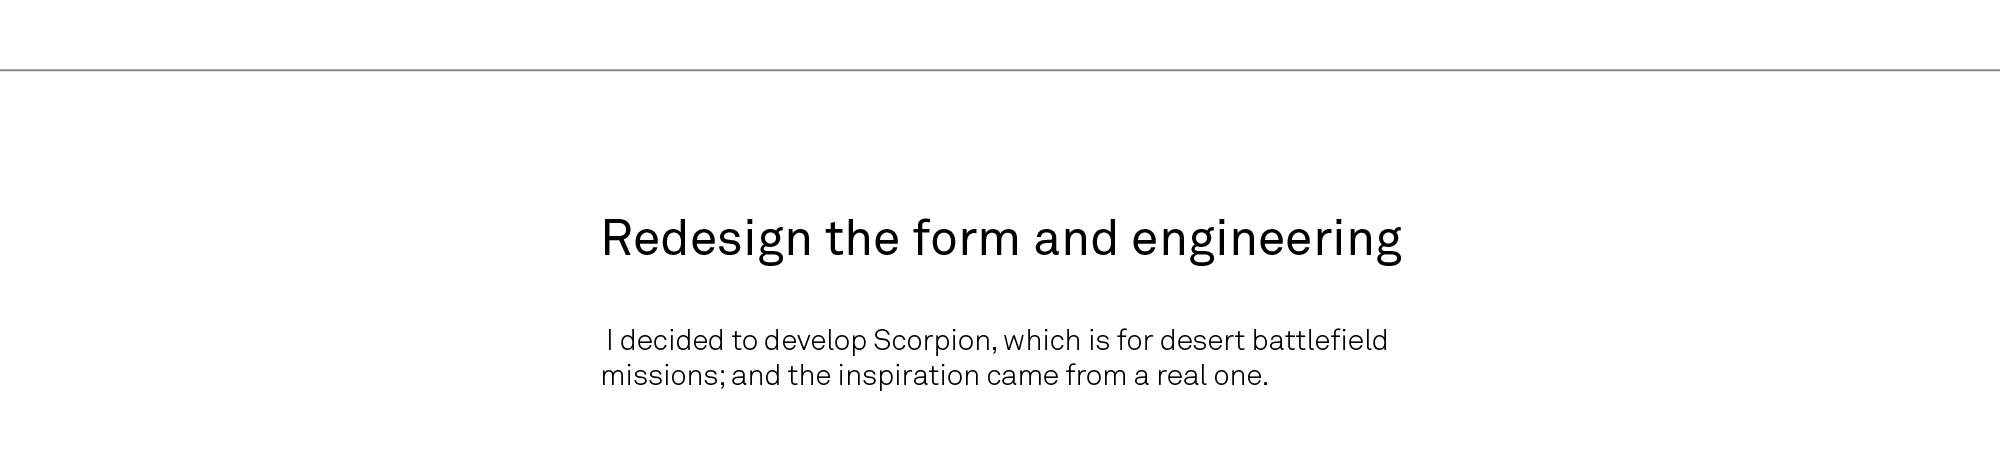 scorpion copy 2-08.jpg